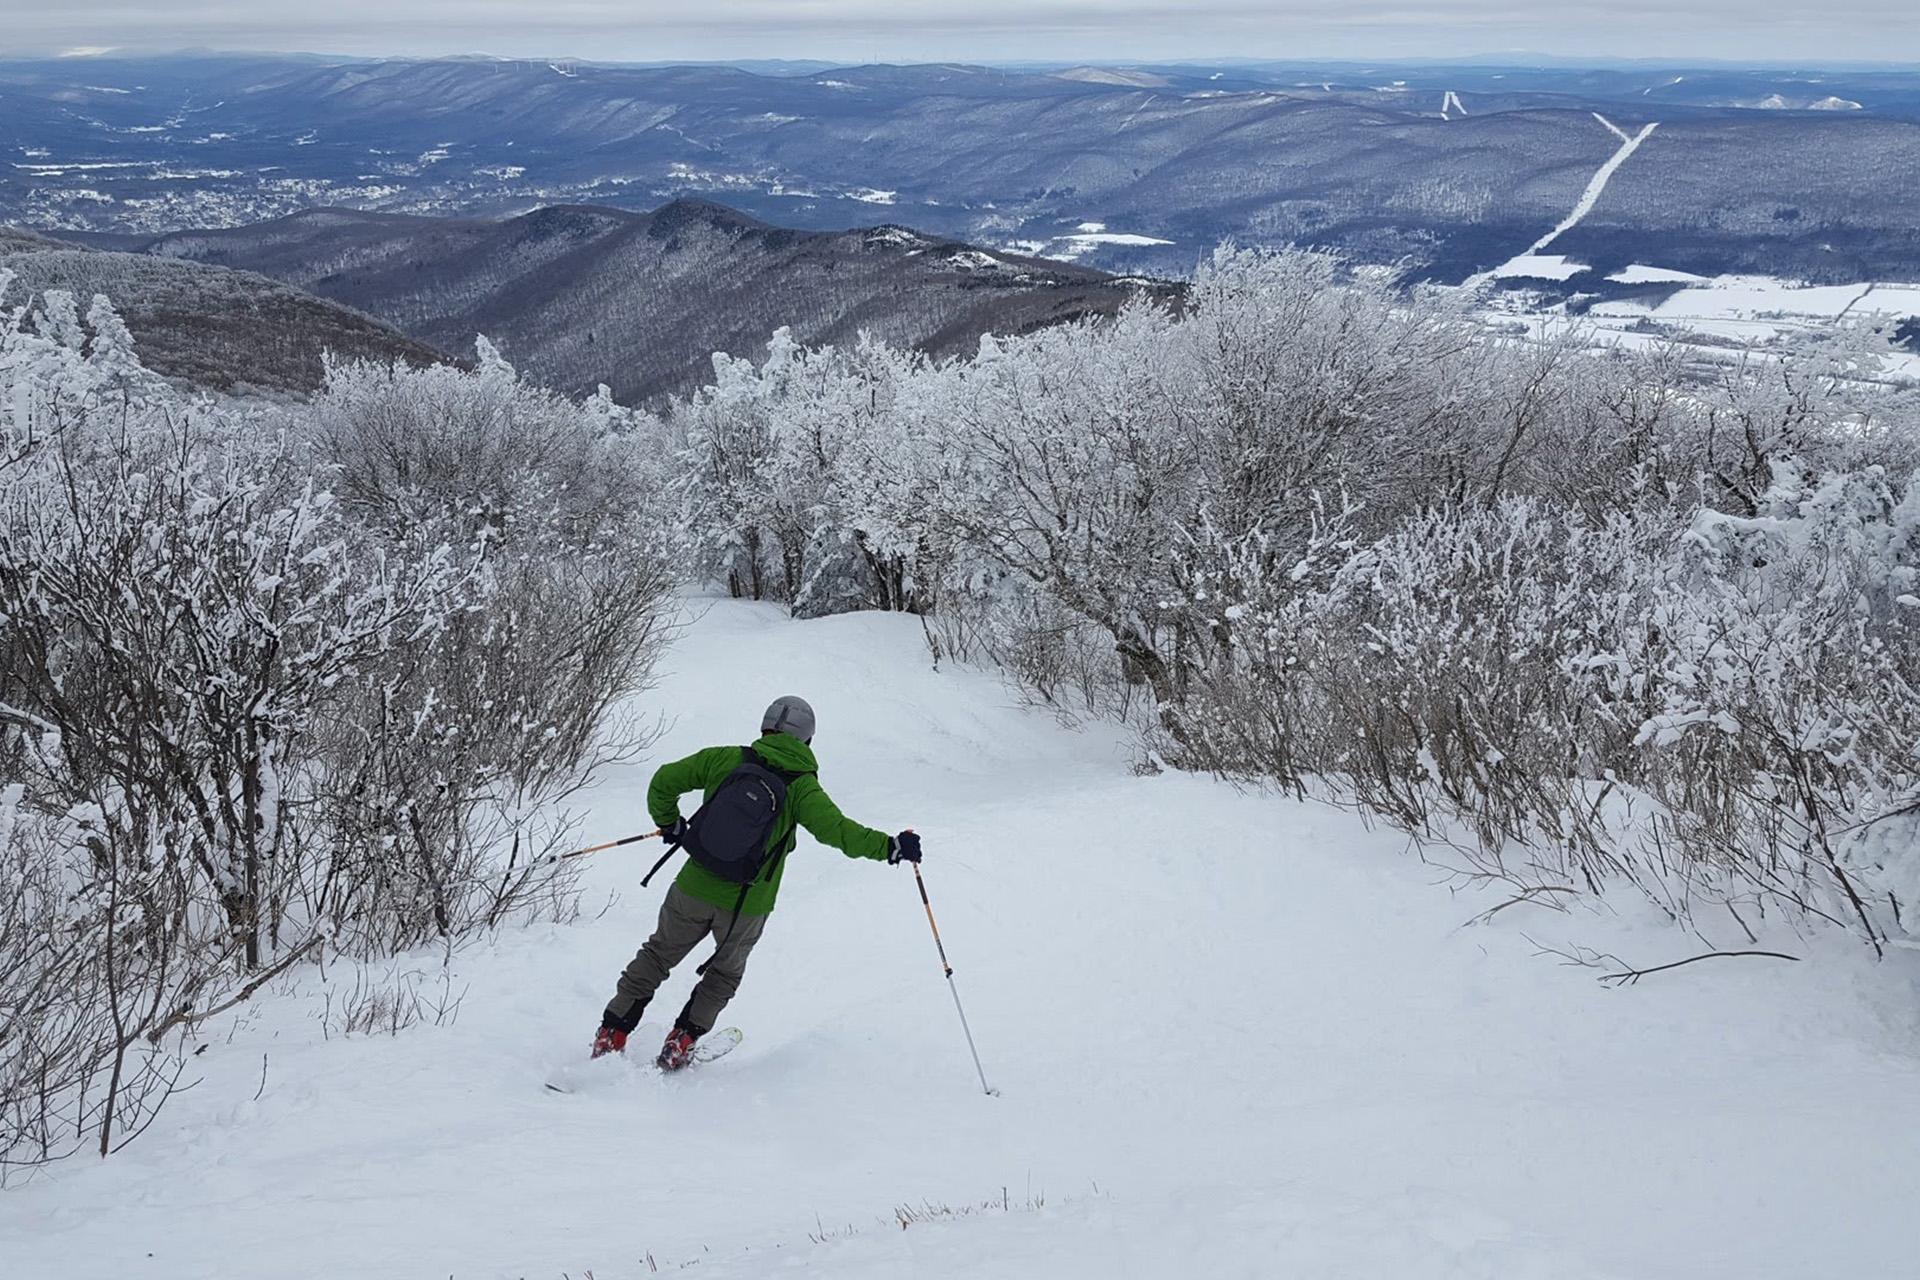 Ski Club field trip